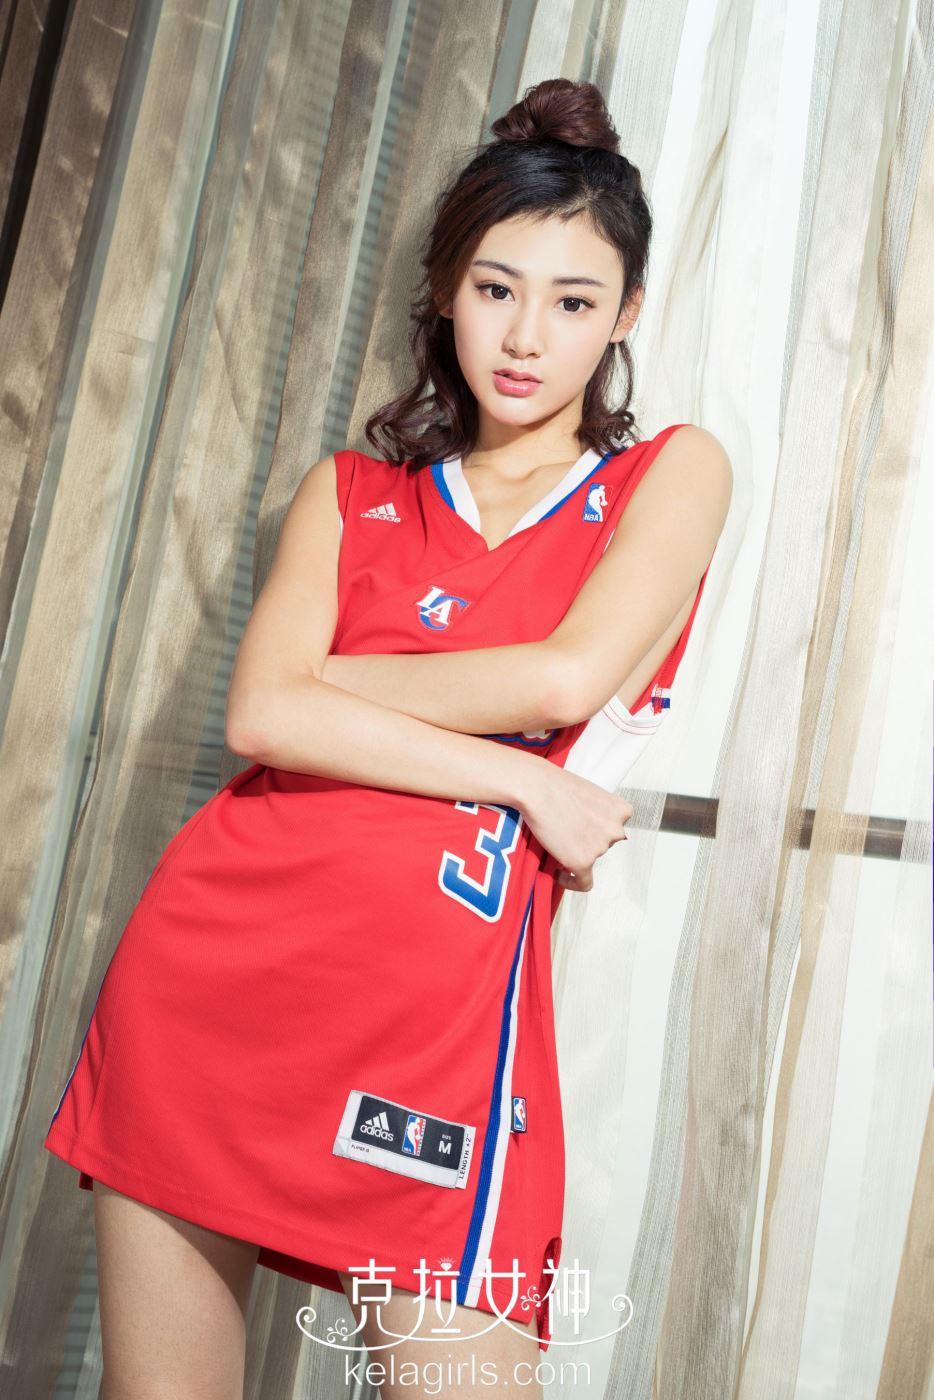 体育美女篮球宝贝冉宝长腿女神大美臀高清美女图片